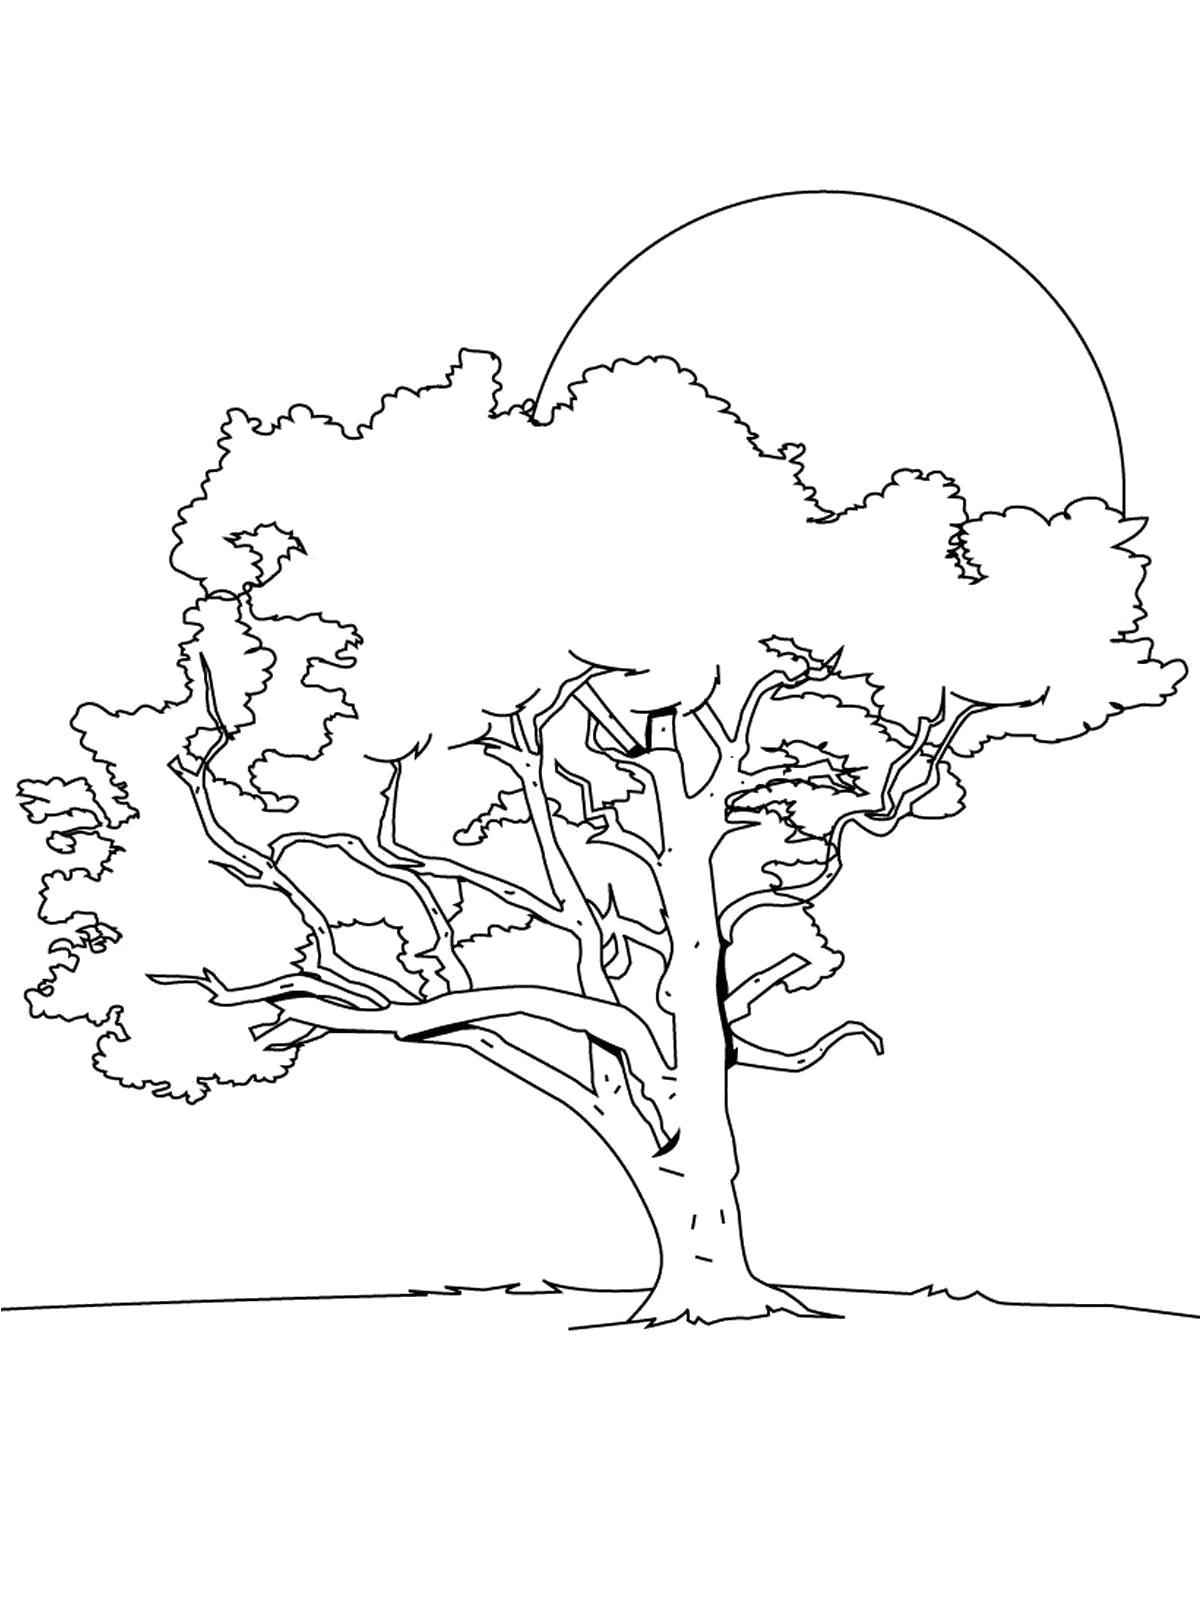 Раскраска  деревья и кустарники.. Скачать дерево.  Распечатать растения